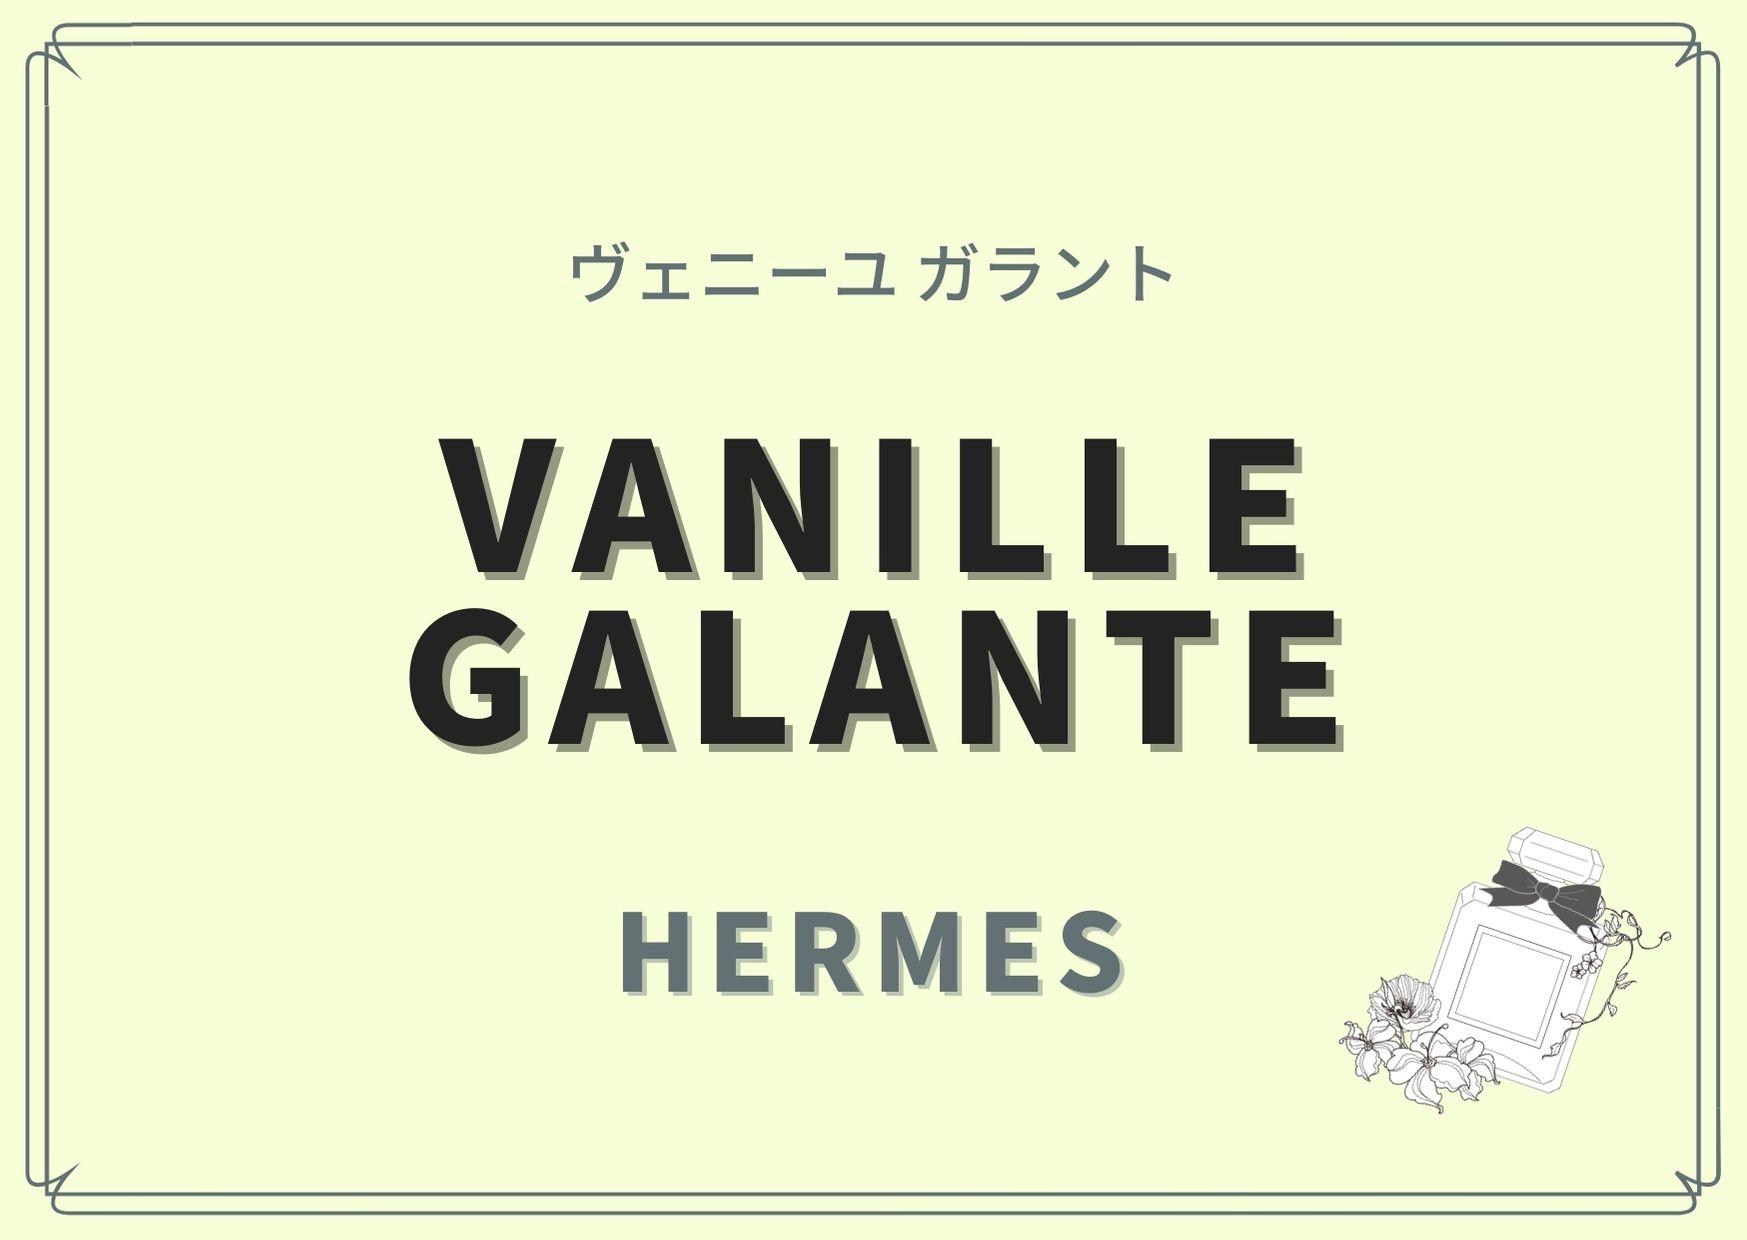 Vanille Galante(ヴェニーユ ガラント)/HERMES(エルメス)